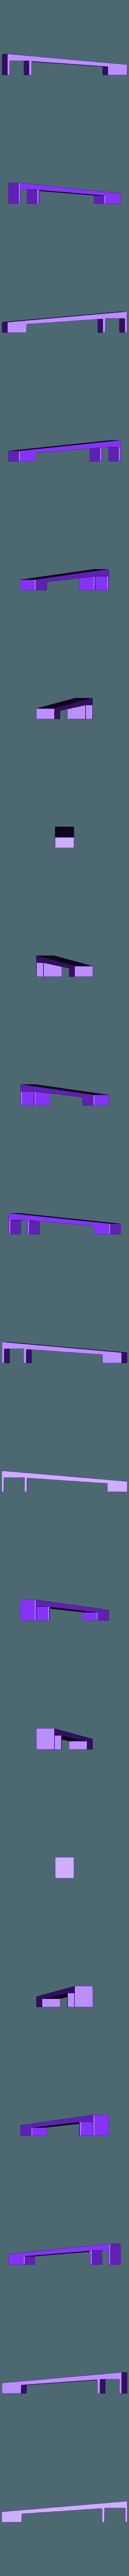 SoporteTecladoMac_1.stl Télécharger fichier STL gratuit Support de clavier IMac empilable • Modèle pour imprimante 3D, dancingchicken